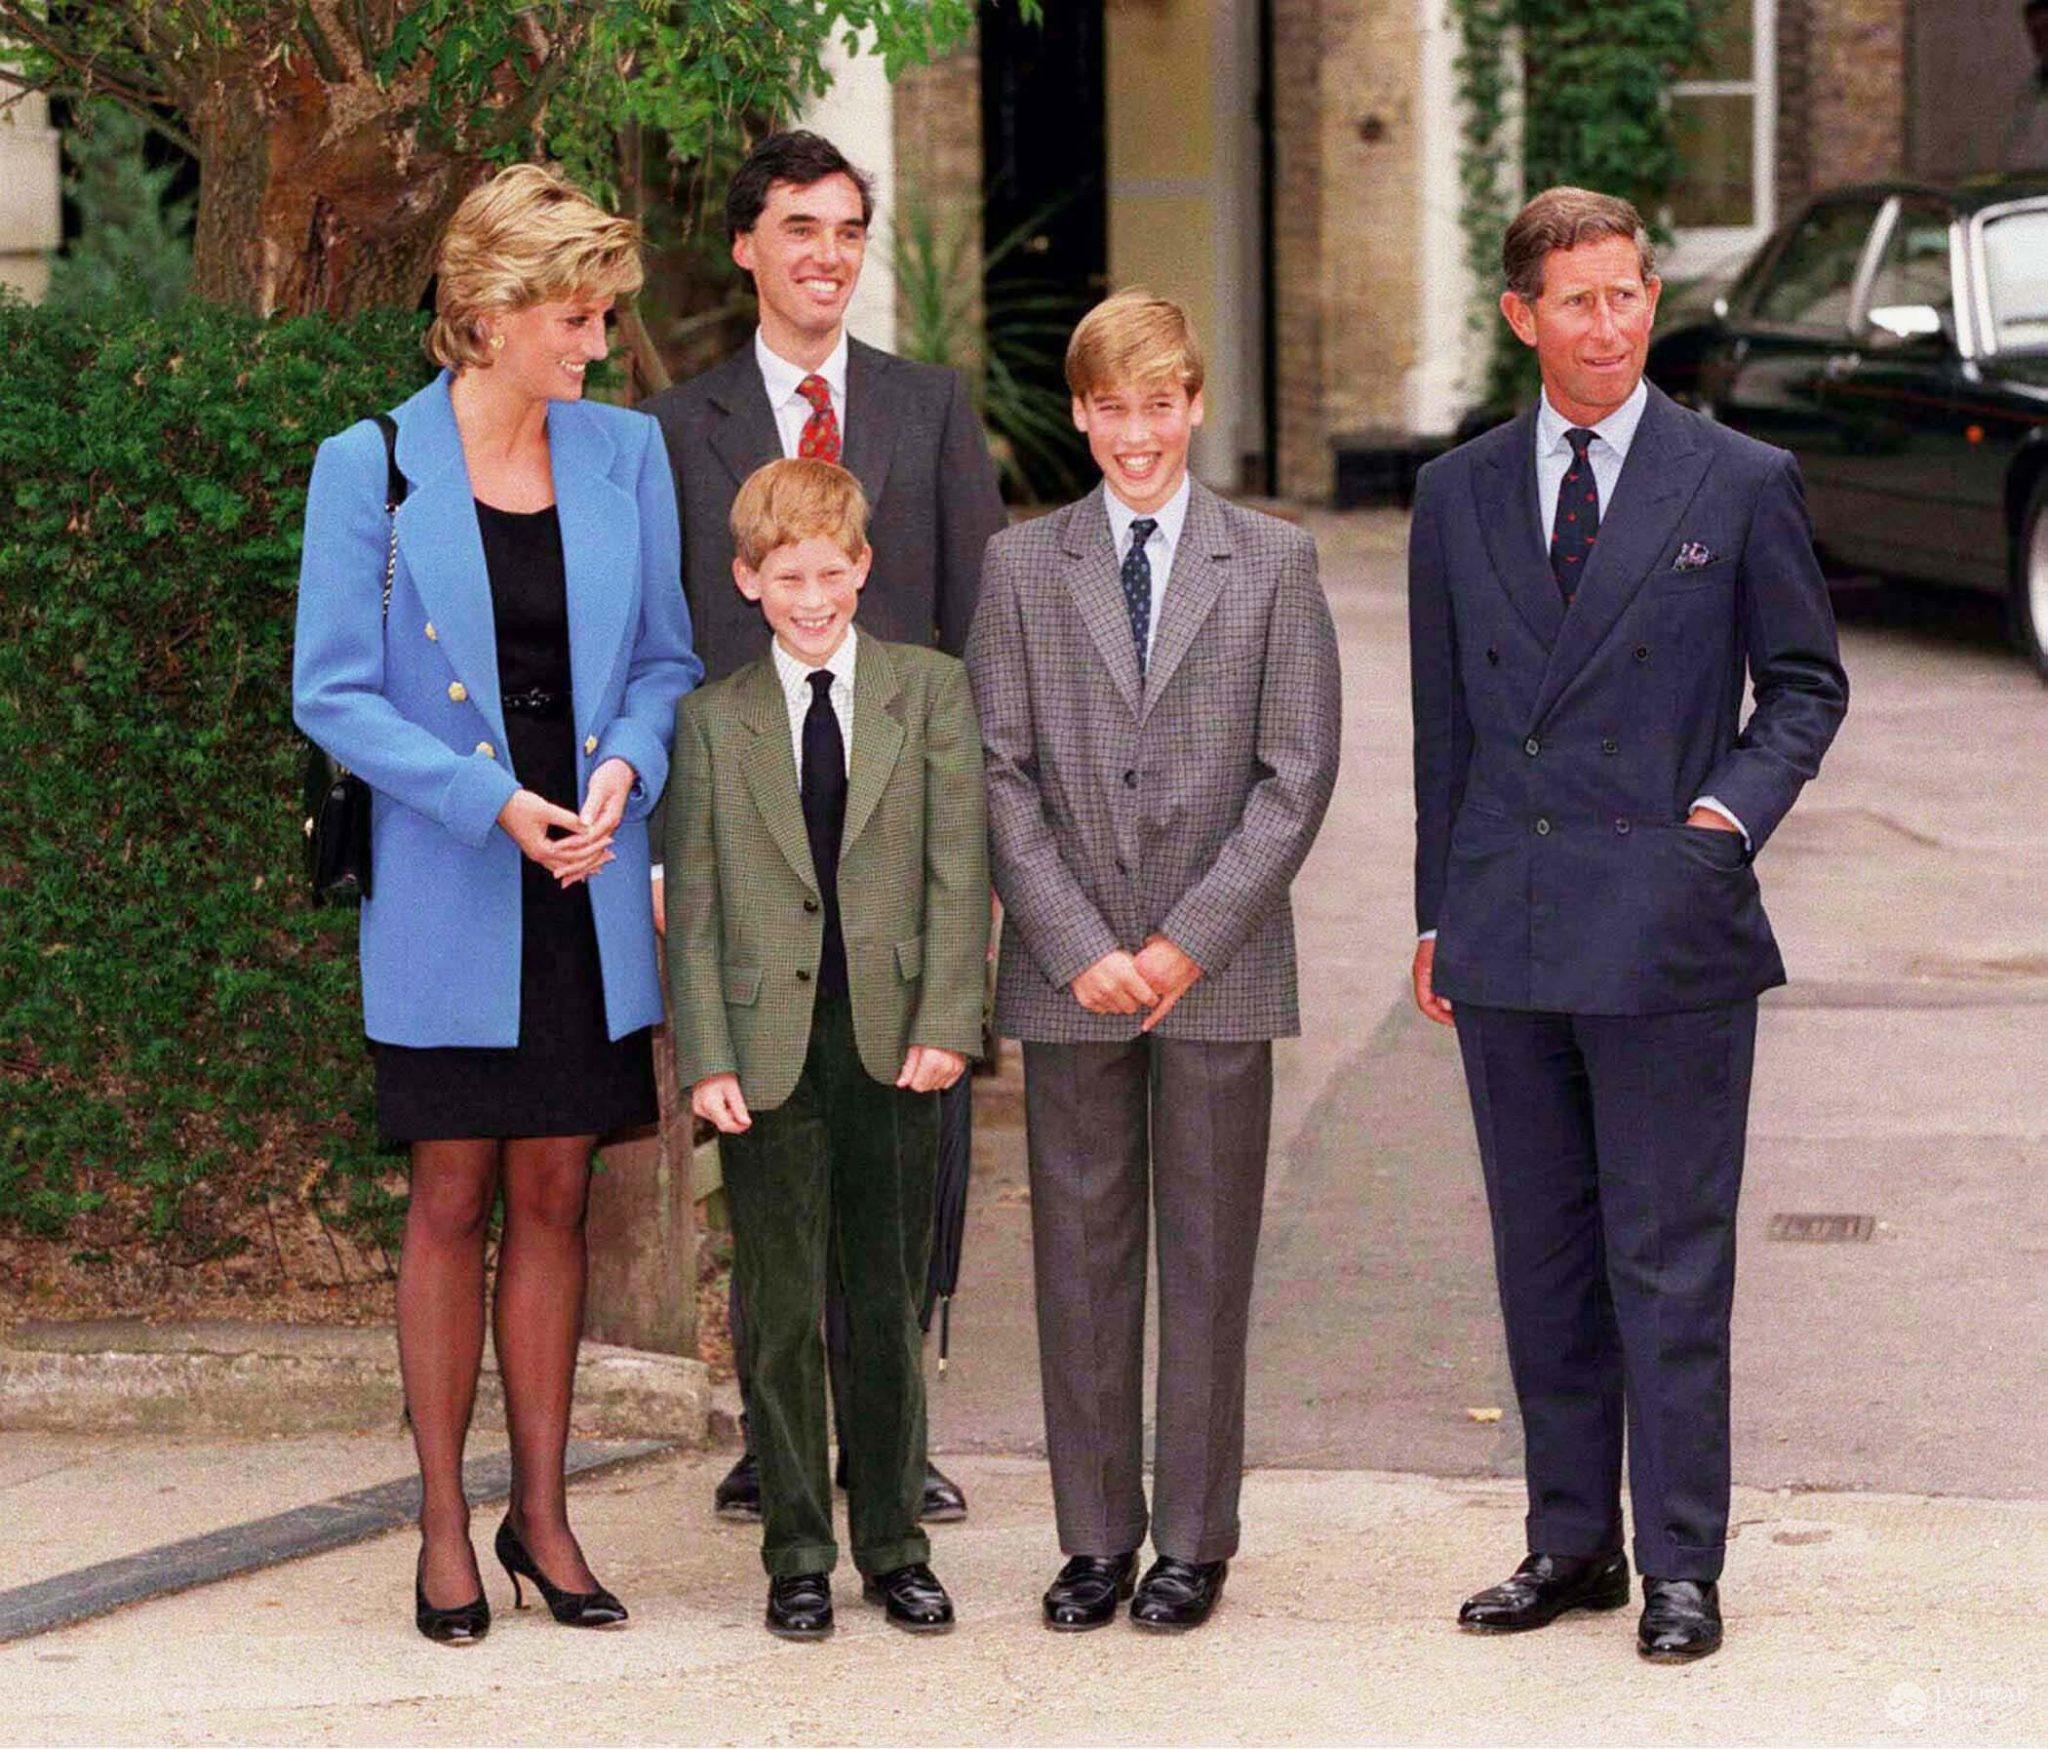 Książę Karol i księżna Diana z synami Williamem i Harrym w 1995 roku (fot. ONS)